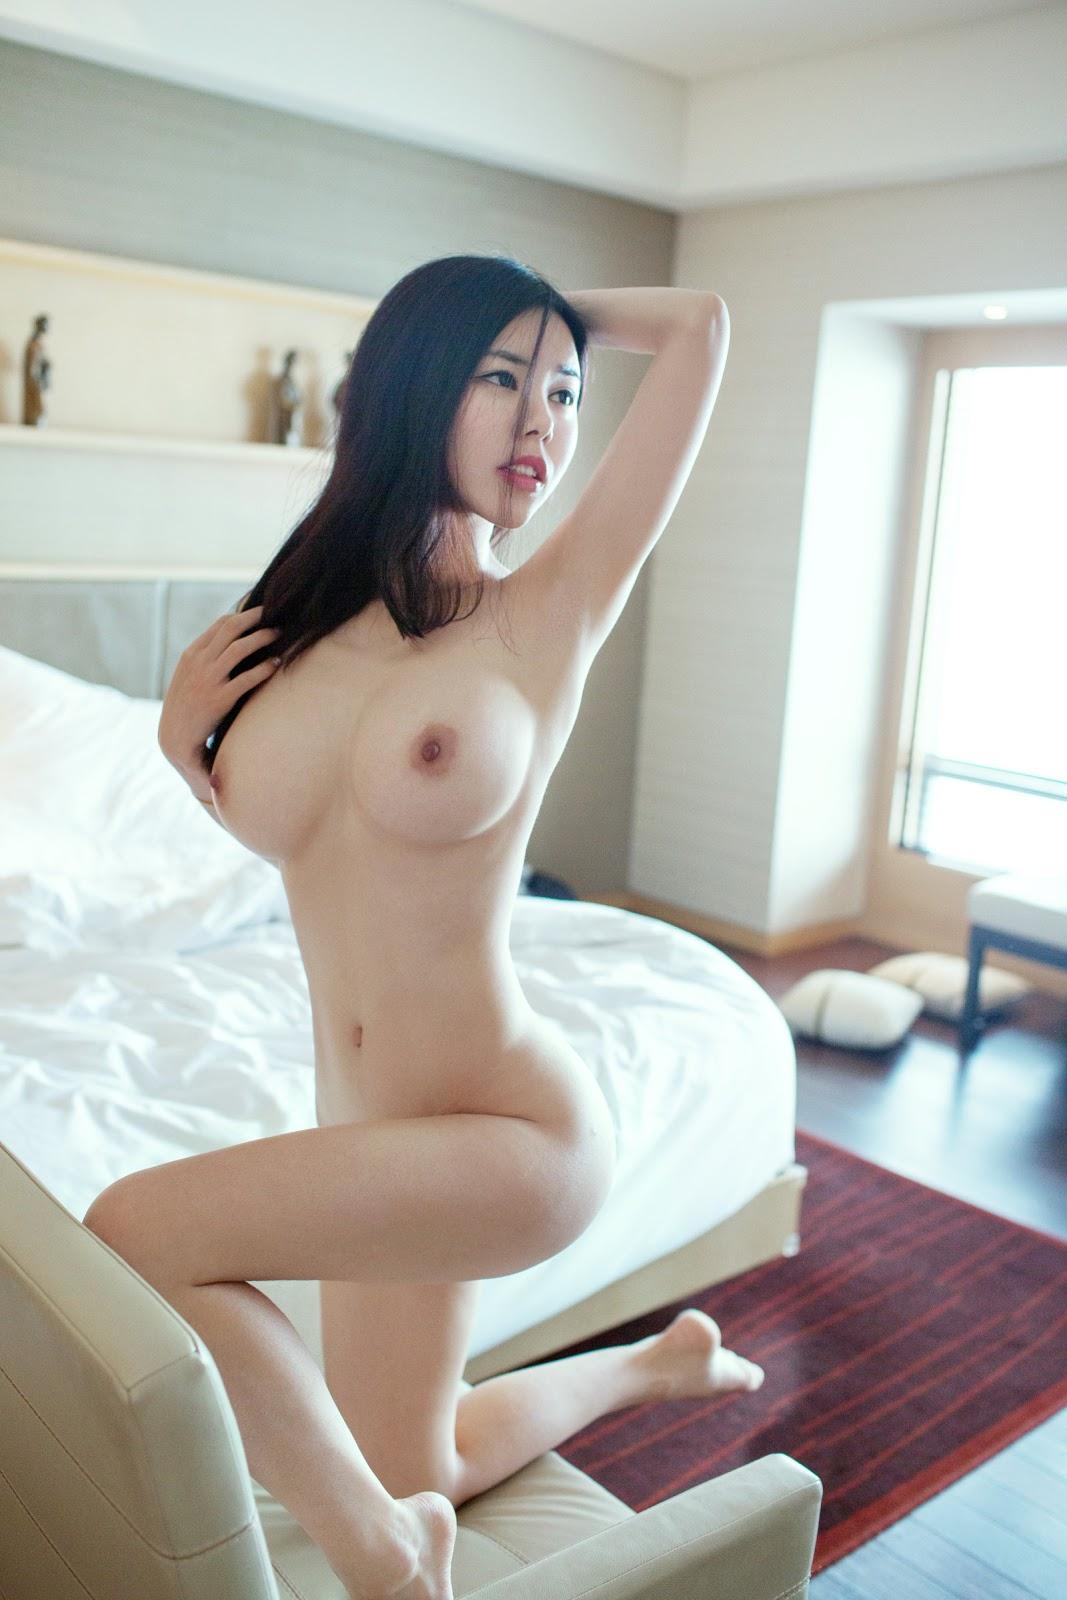 Korean bj(beautiful girl)